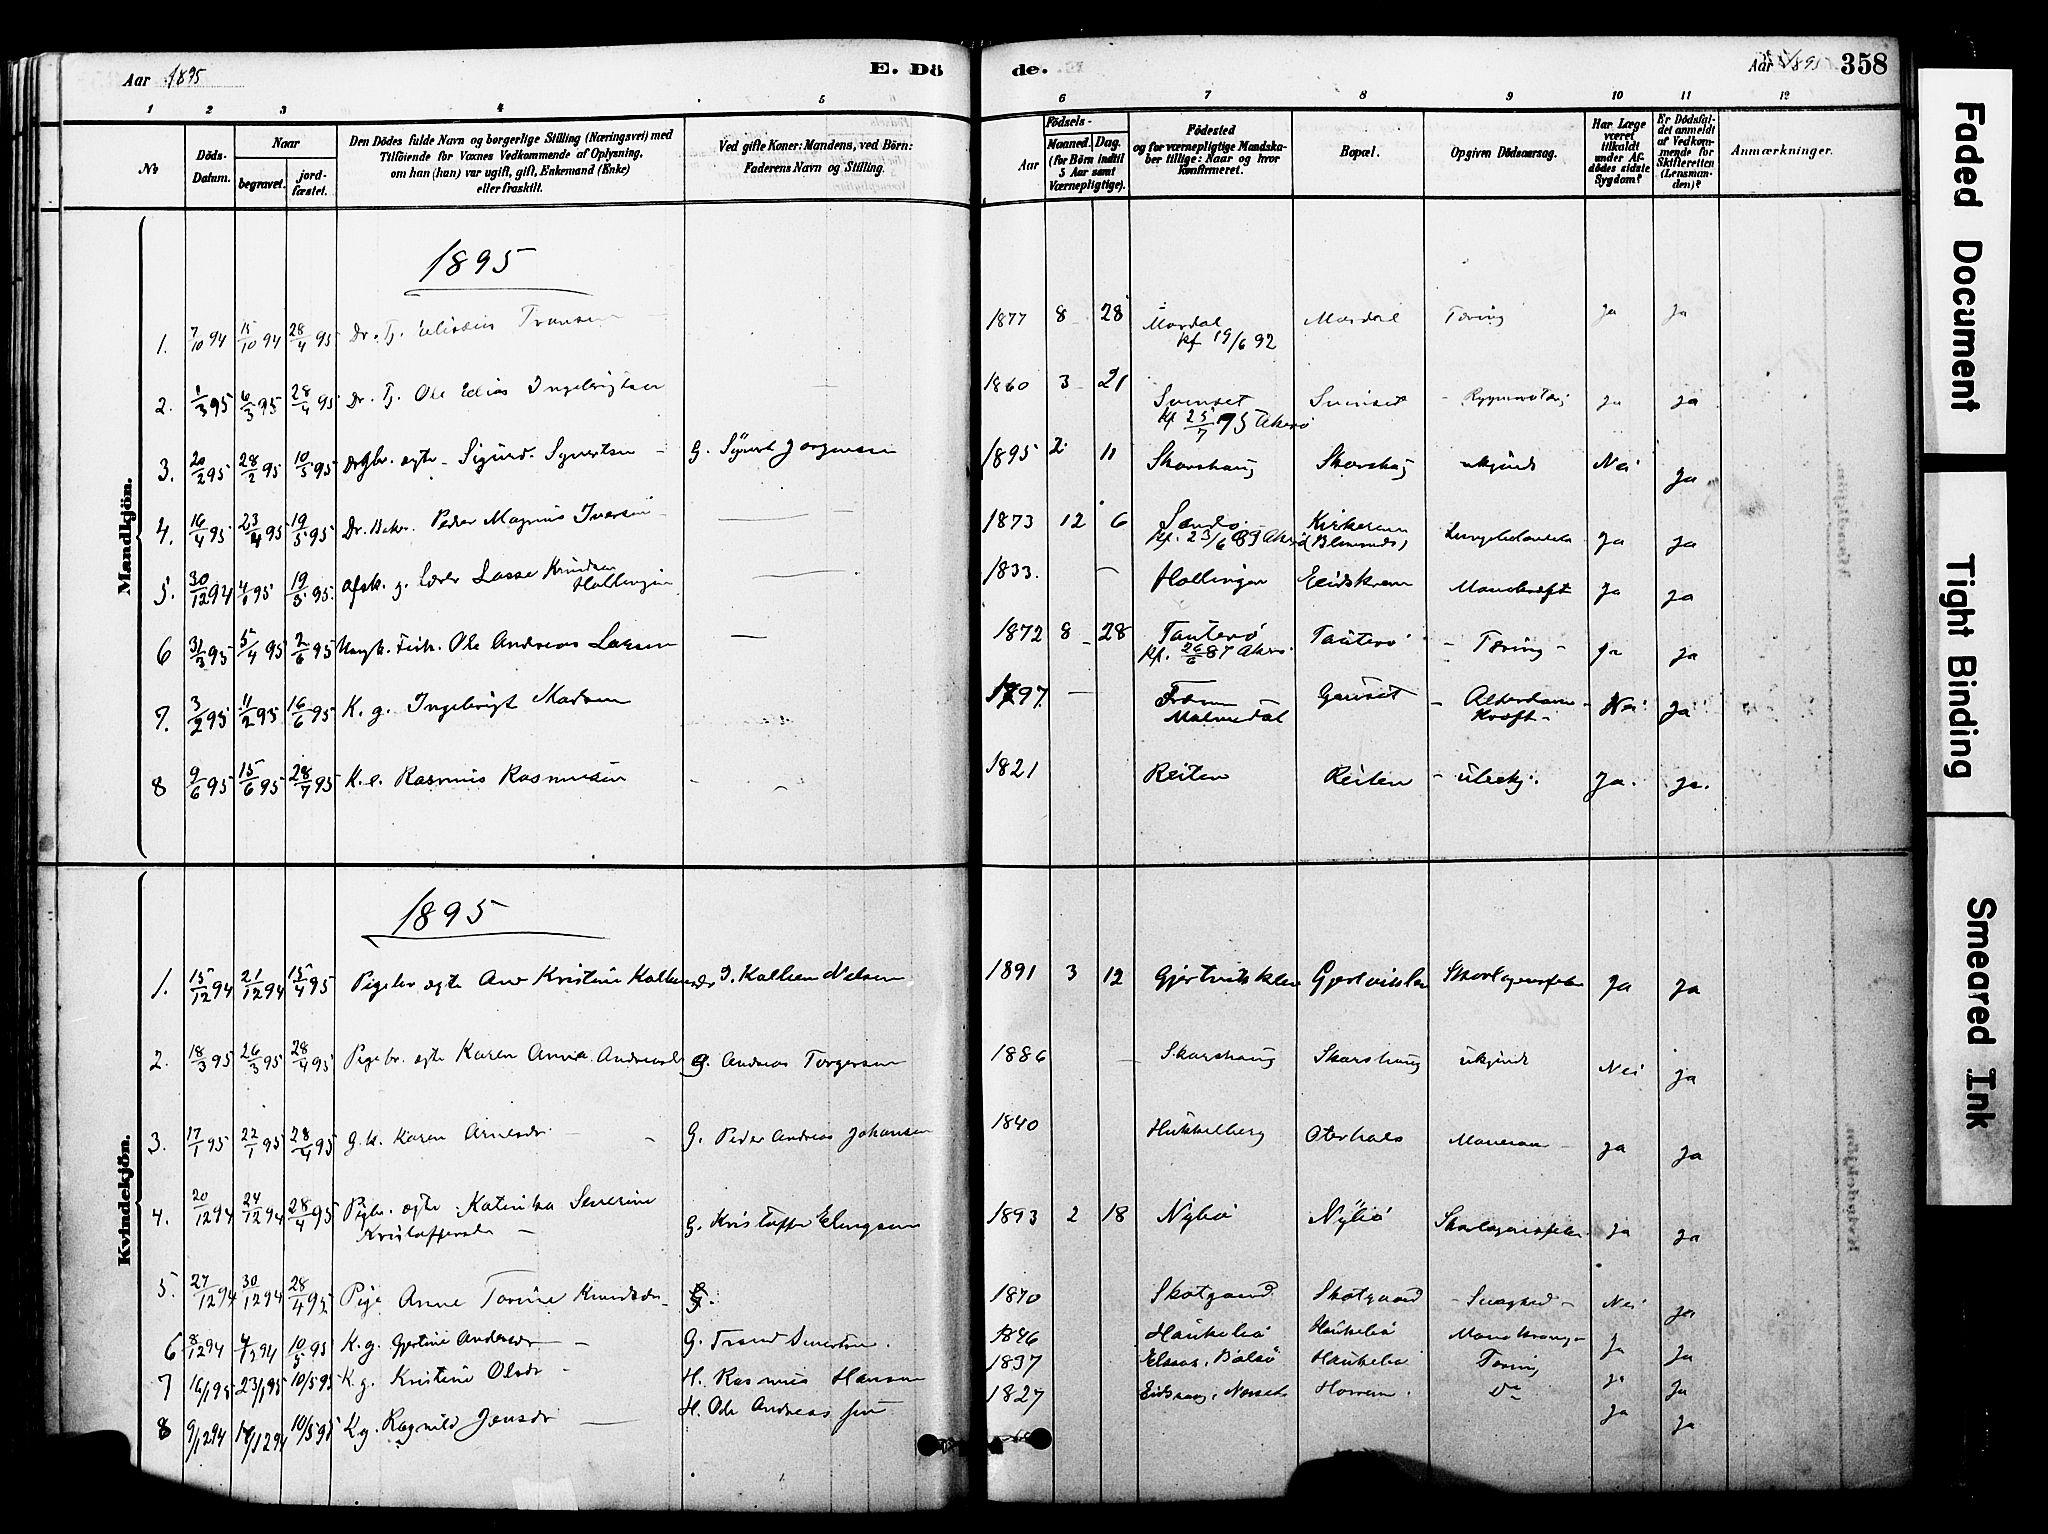 SAT, Ministerialprotokoller, klokkerbøker og fødselsregistre - Møre og Romsdal, 560/L0721: Ministerialbok nr. 560A05, 1878-1917, s. 358